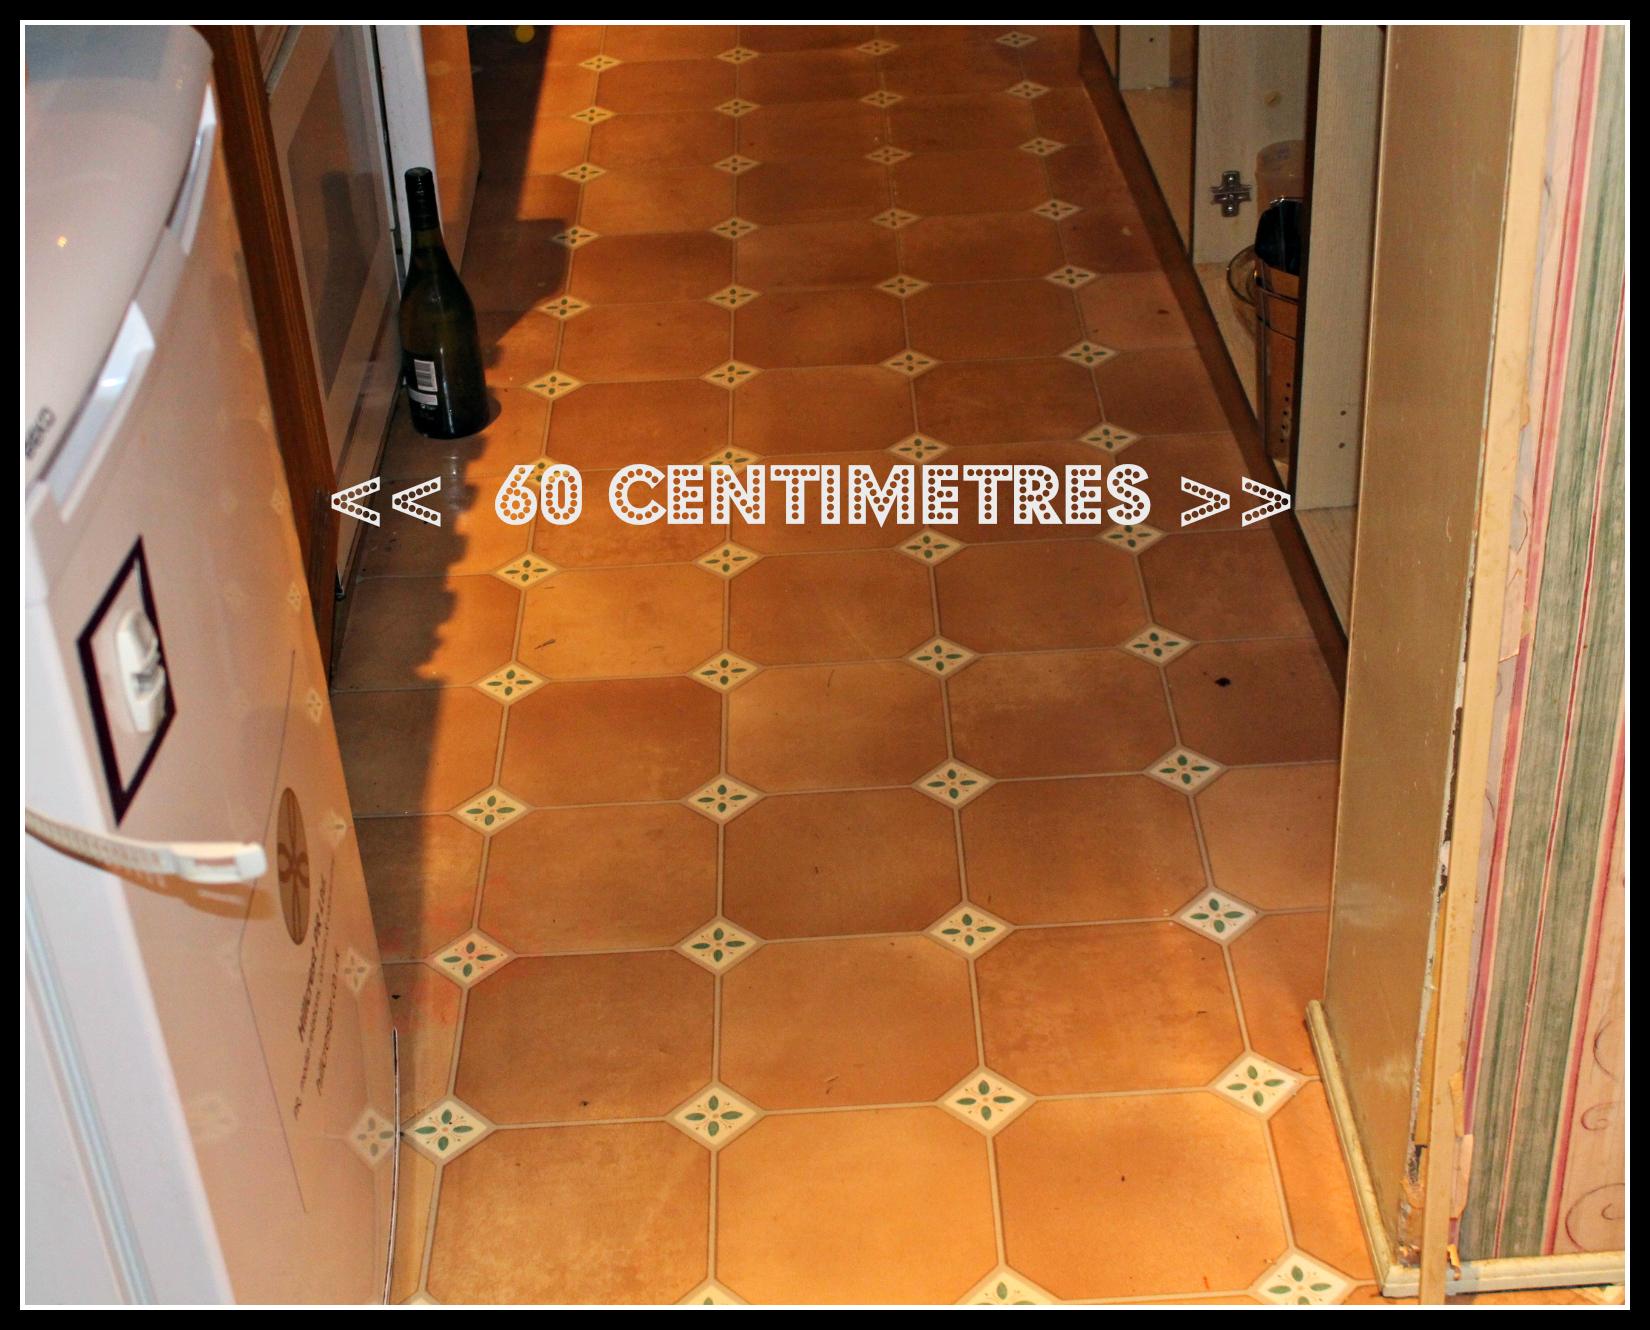 kitchen, home improvement, galley kitchen, DIY, flooring, tiling